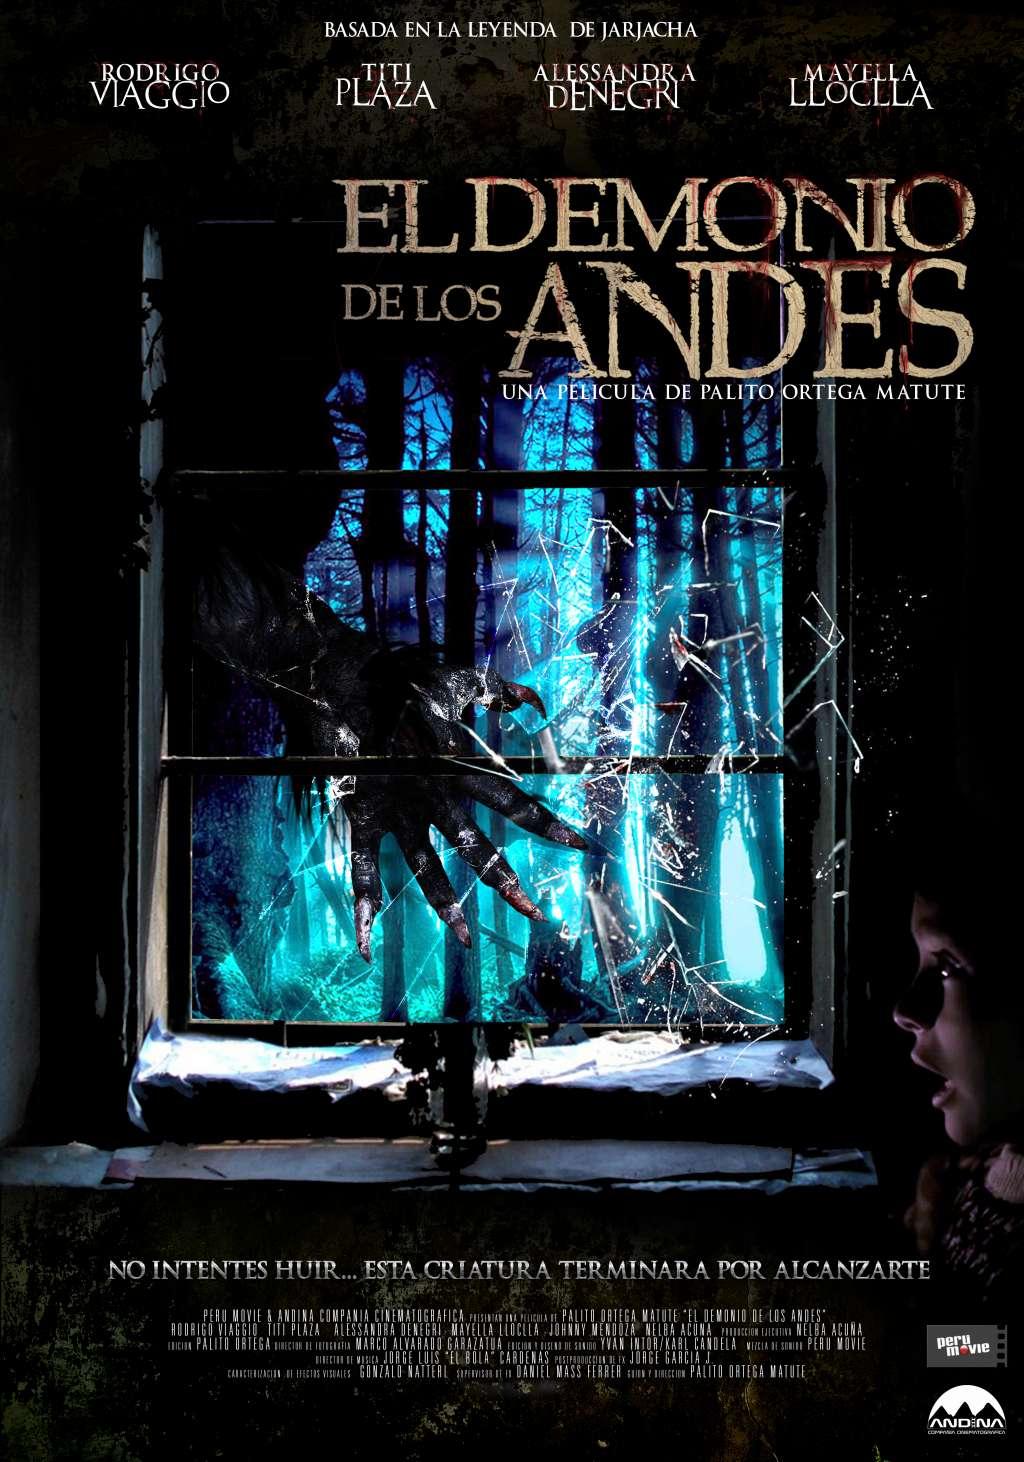 El Demonio de los Andes kapak